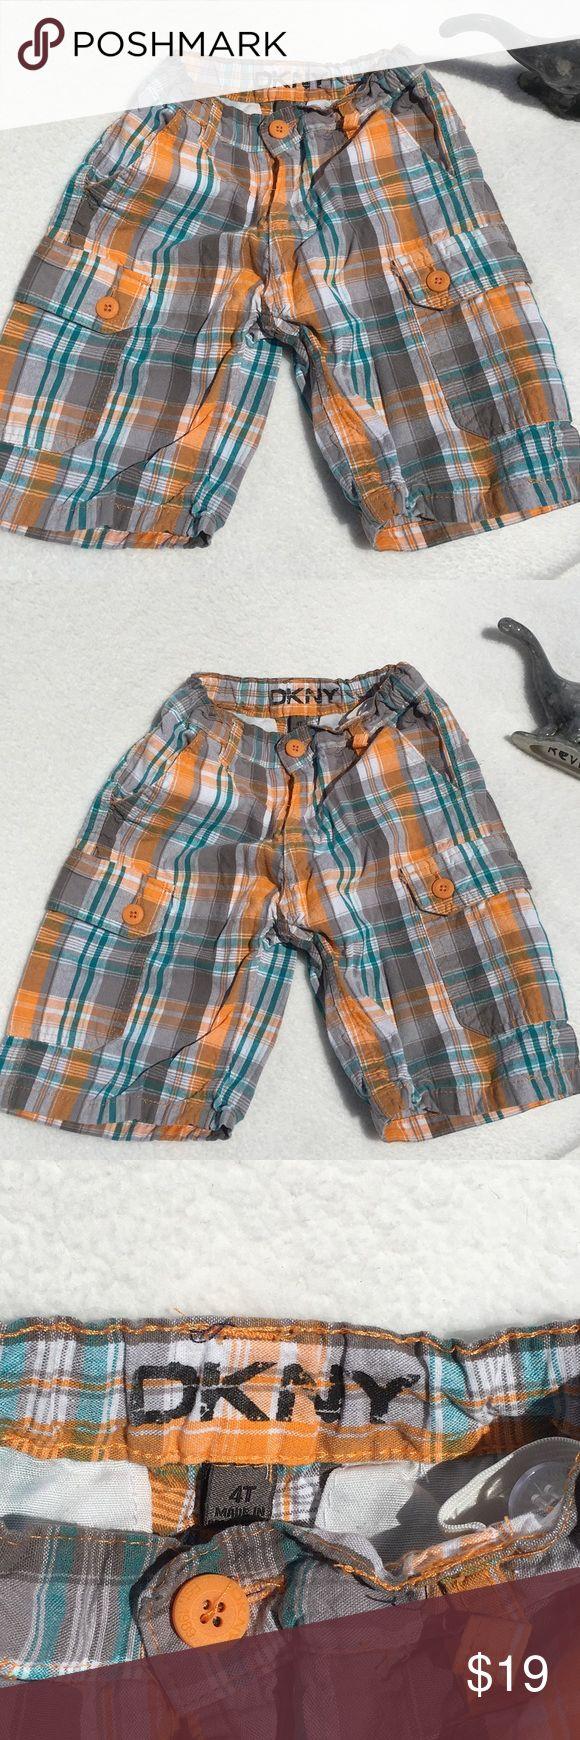 DKNY Boys Cargo Shorts DKNY Boys Cargo Shorts DKNY Bottoms Skorts